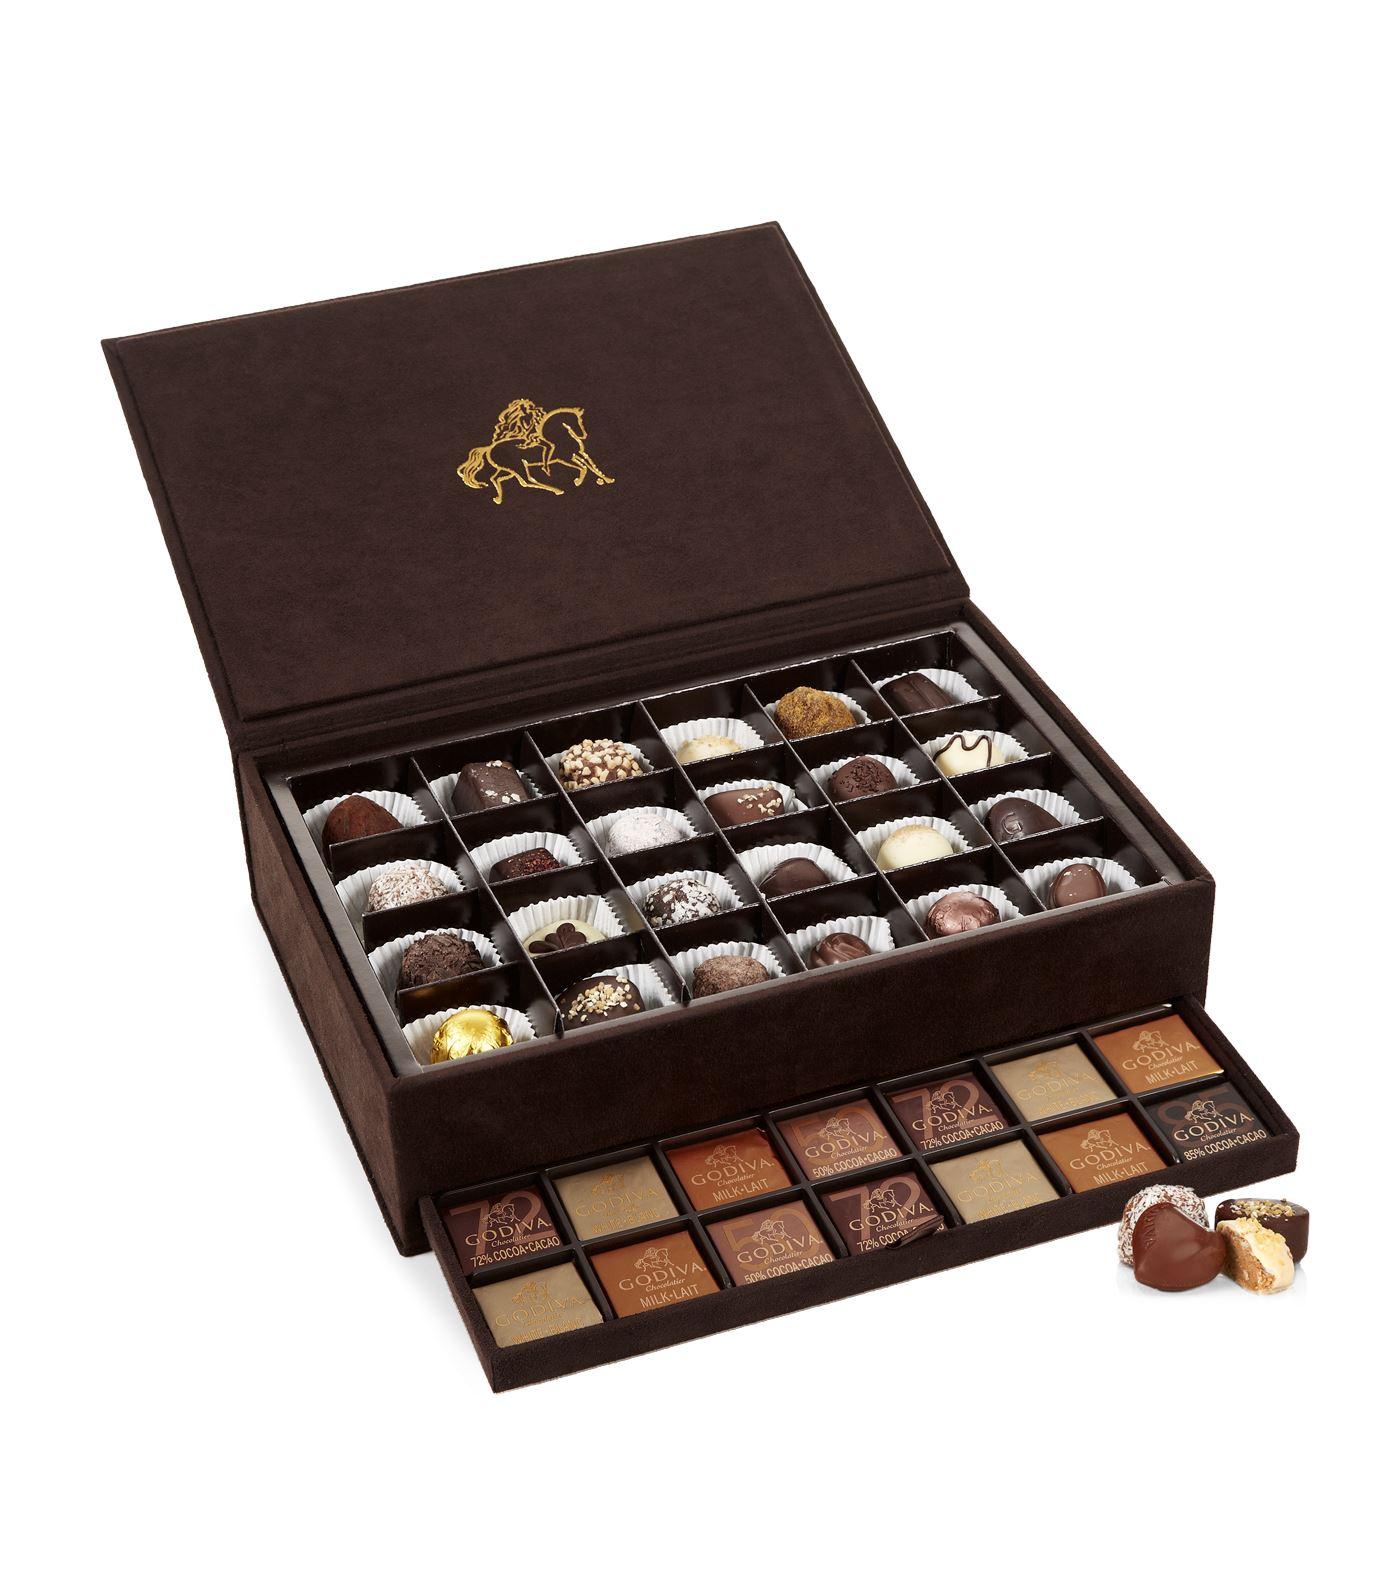 Set da 59 pezzi di cioccolata Godiva